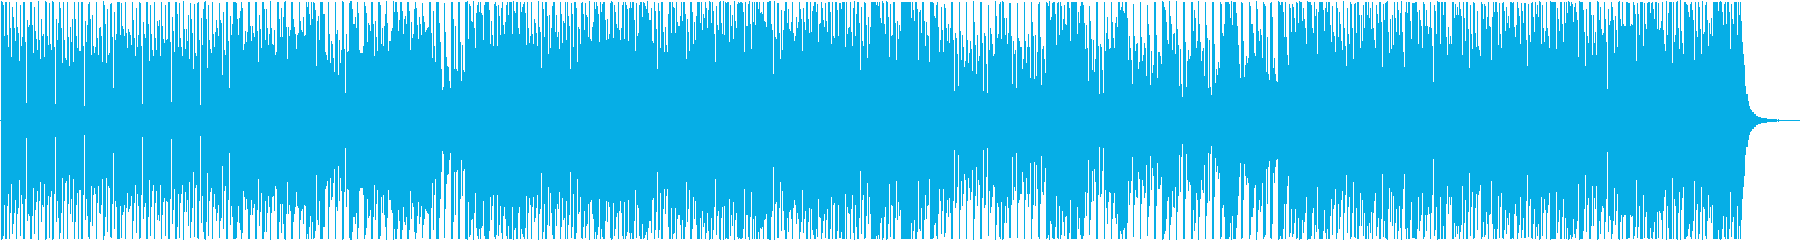 ヴァイオリンによるドキュメンタリー番組風の再生済みの波形